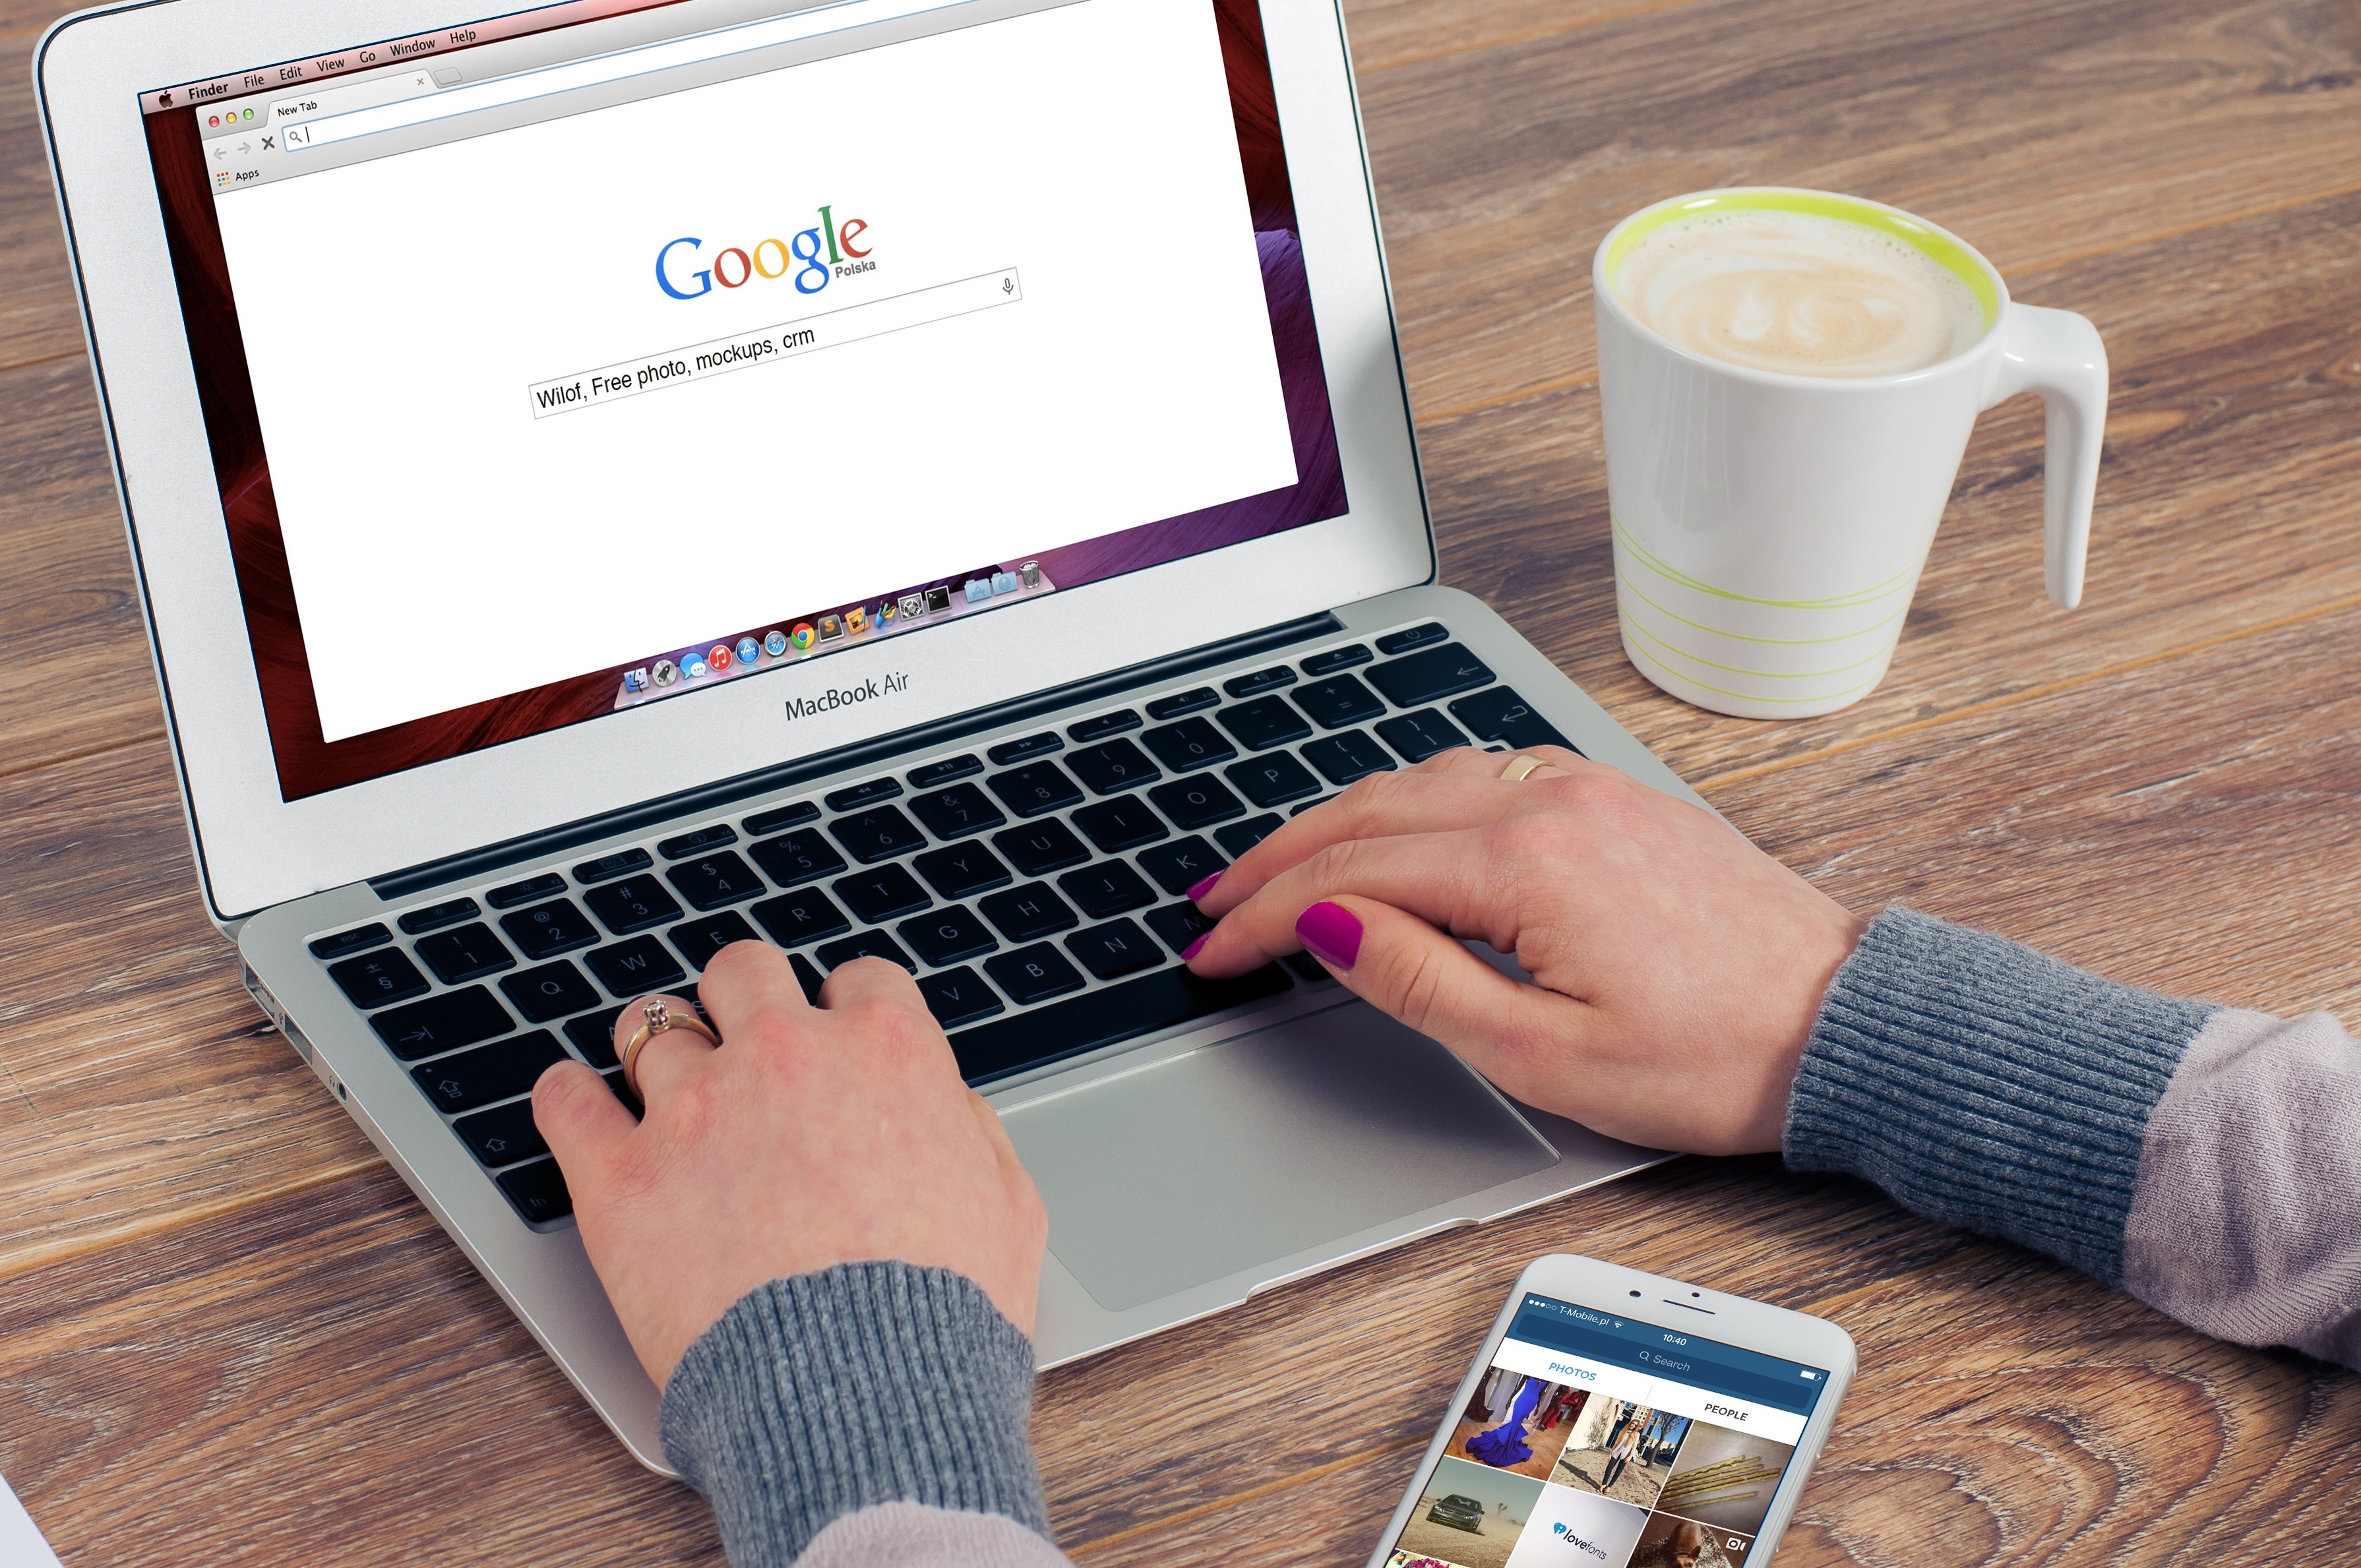 สิ่งที่ควรรู้ก่อนมีเว็บไซต์ และดีต่อการจัดลำดับ Google